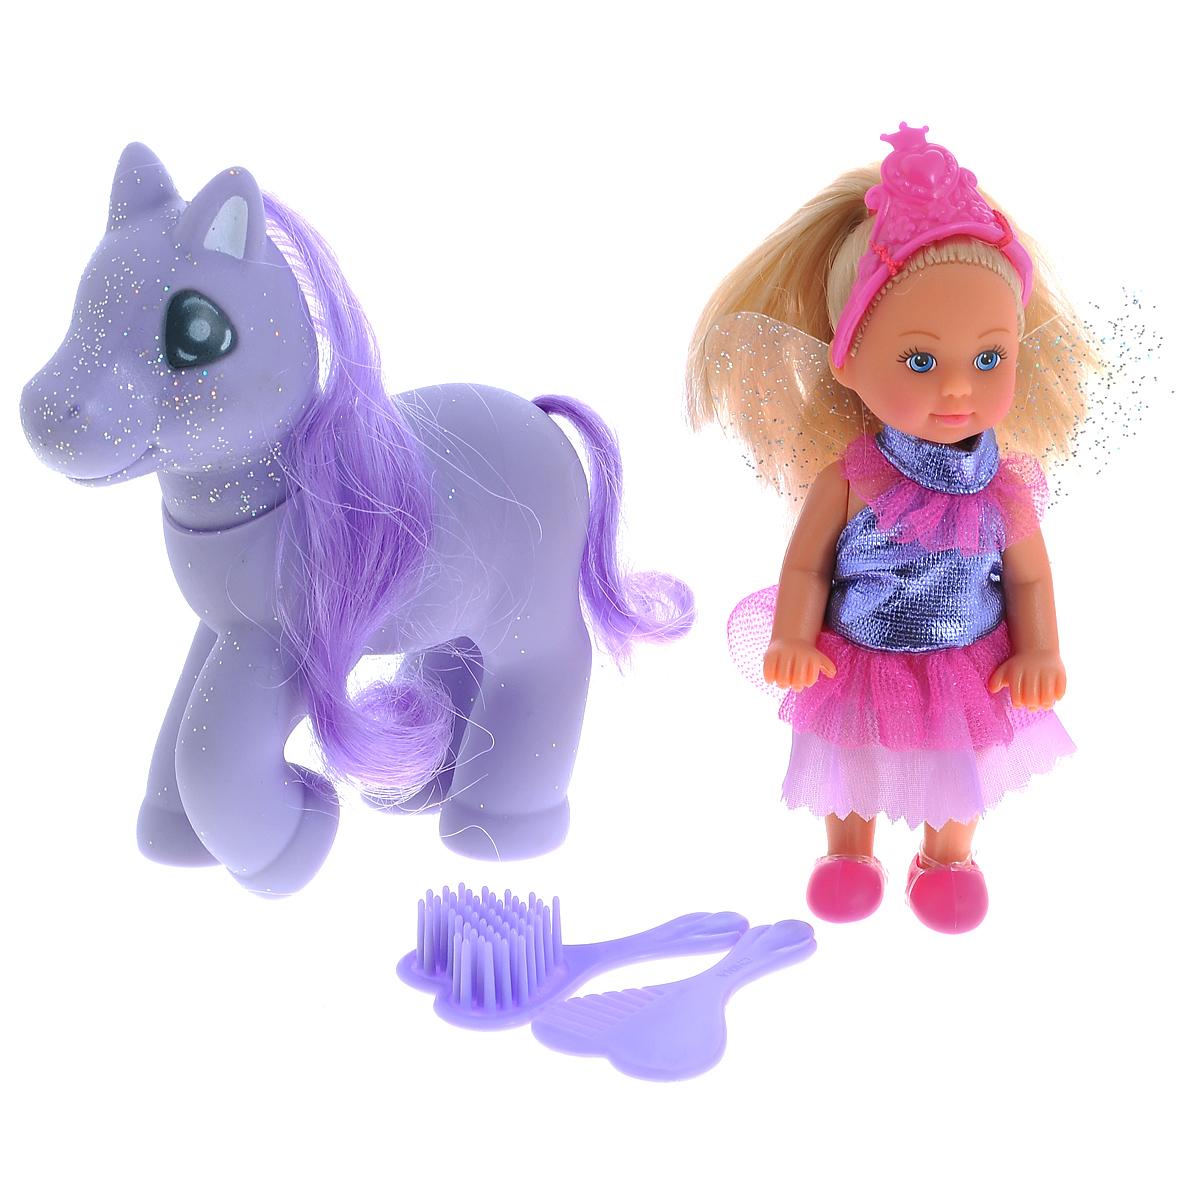 Simba Мини-кукла Еви Little Fairy & Pony simba кукла little flower